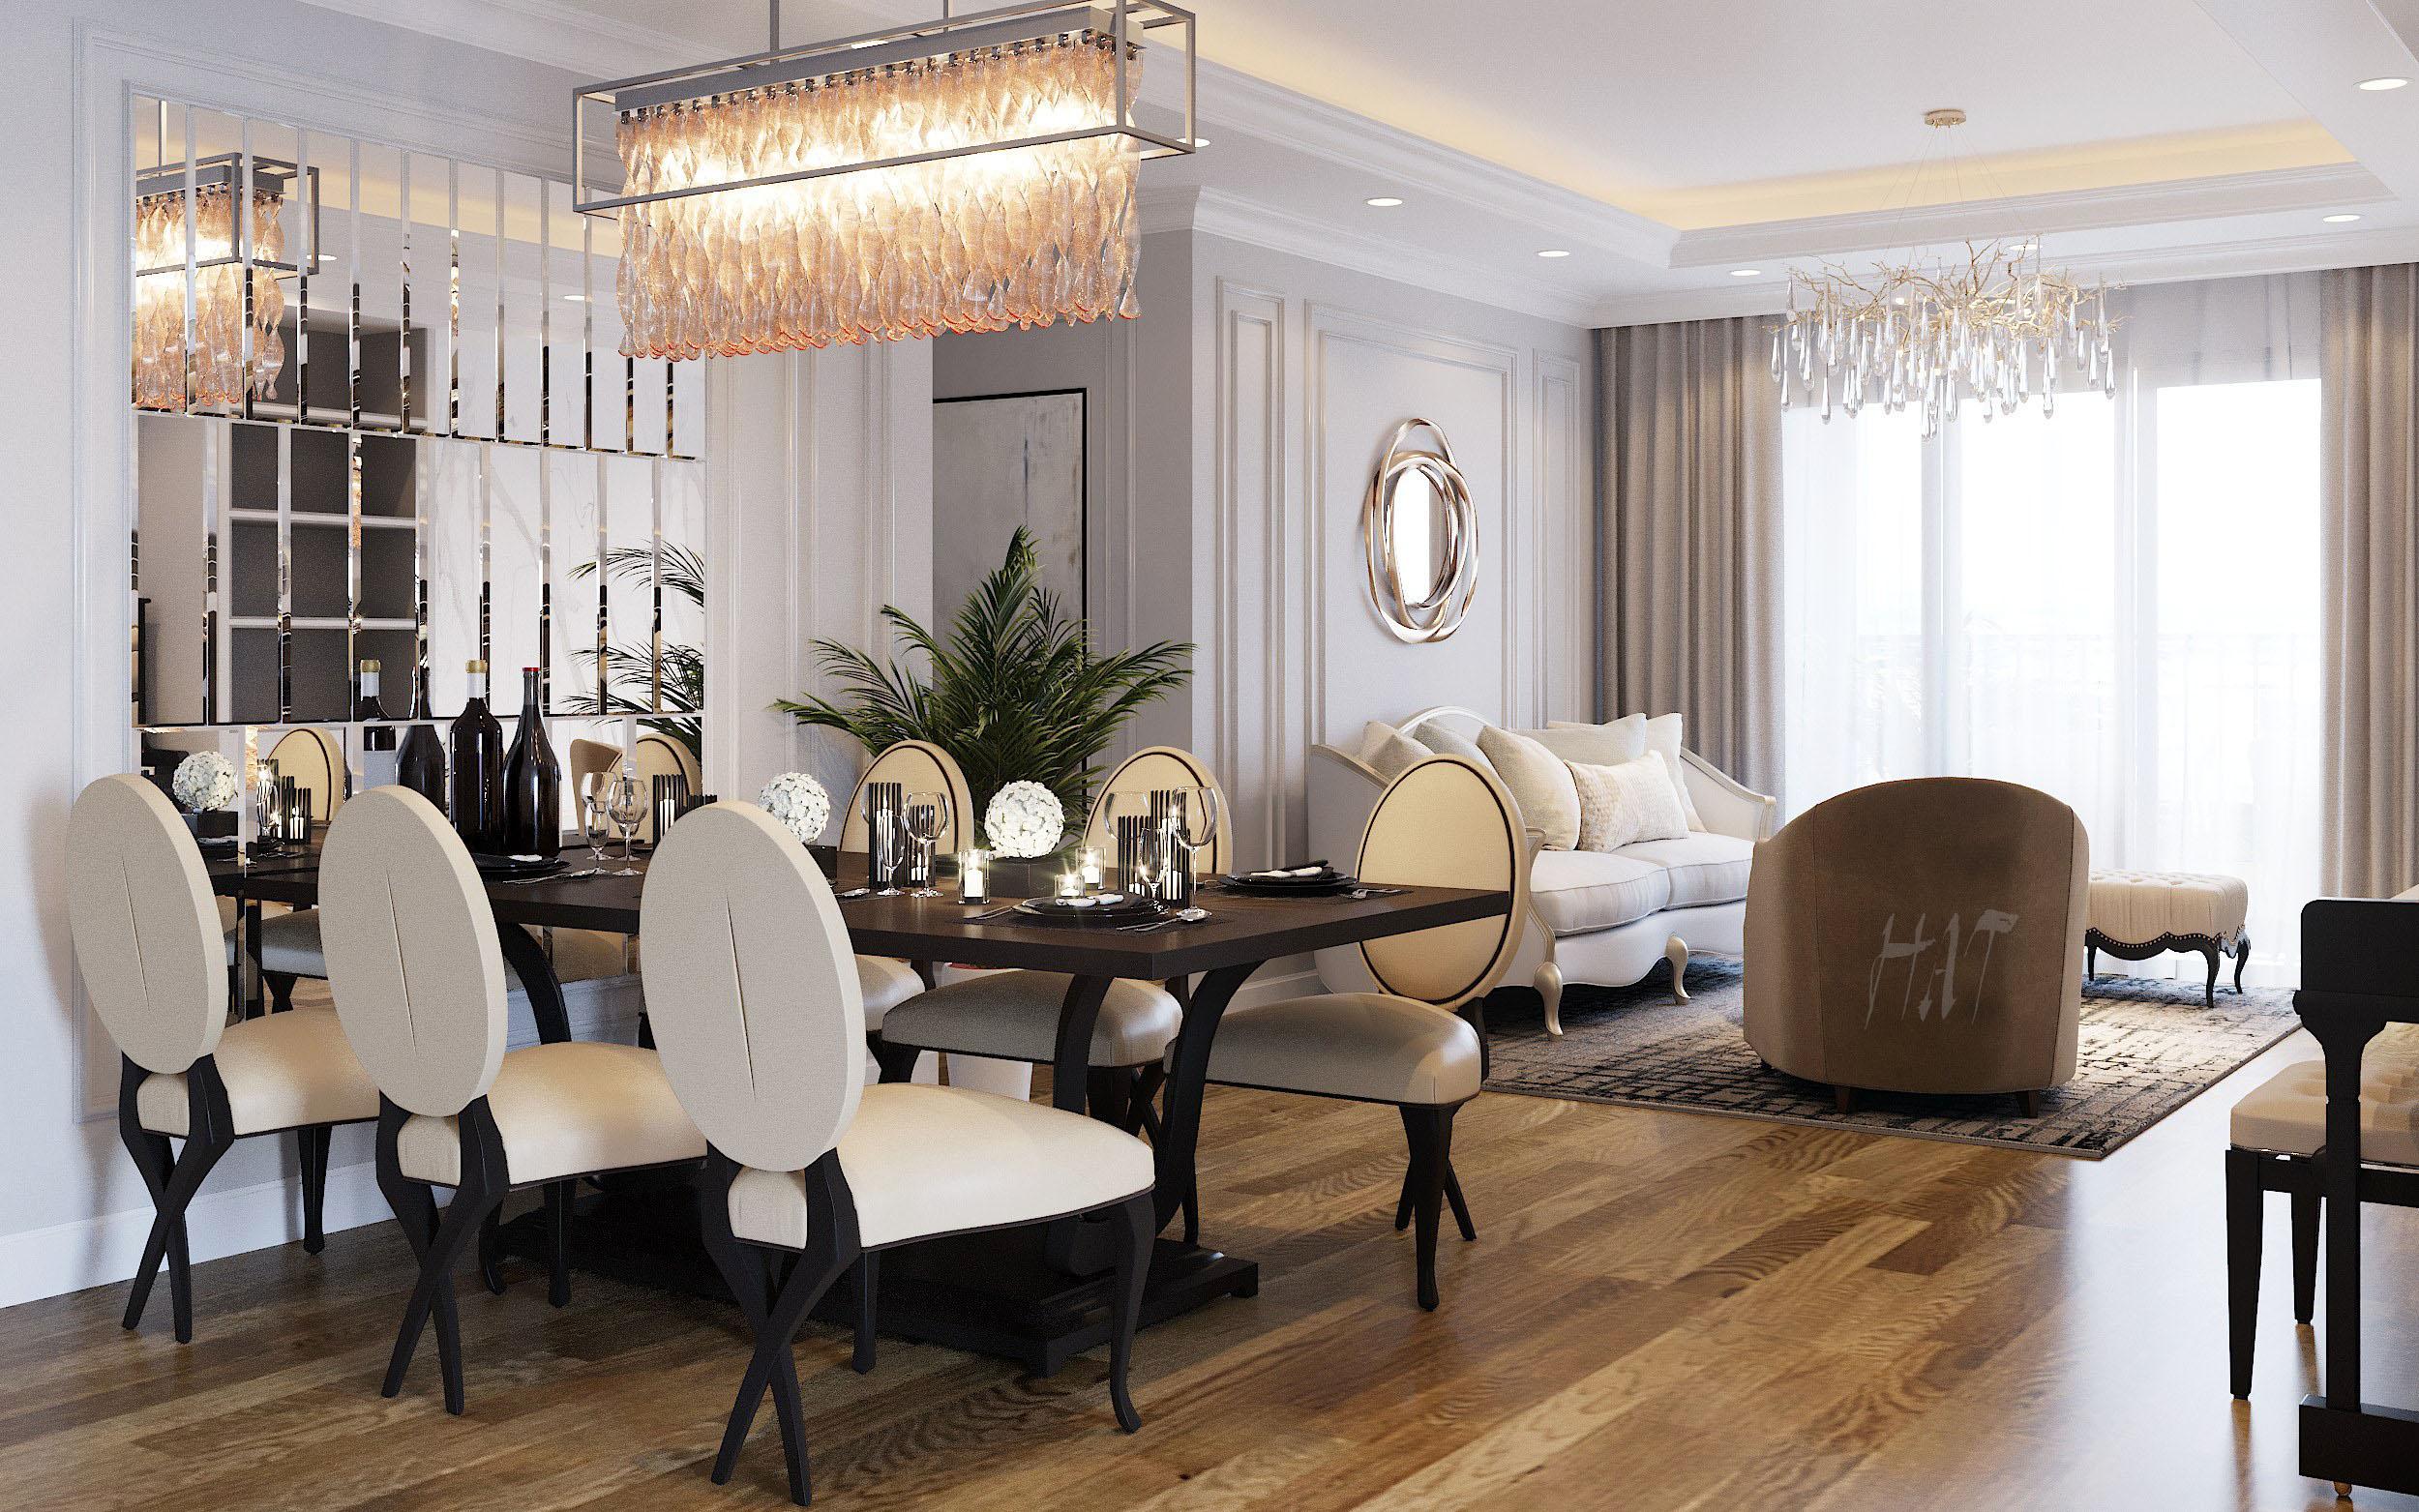 thiết kế Nội thất Chung Cư Căn hộ Chung cư nhà ở30